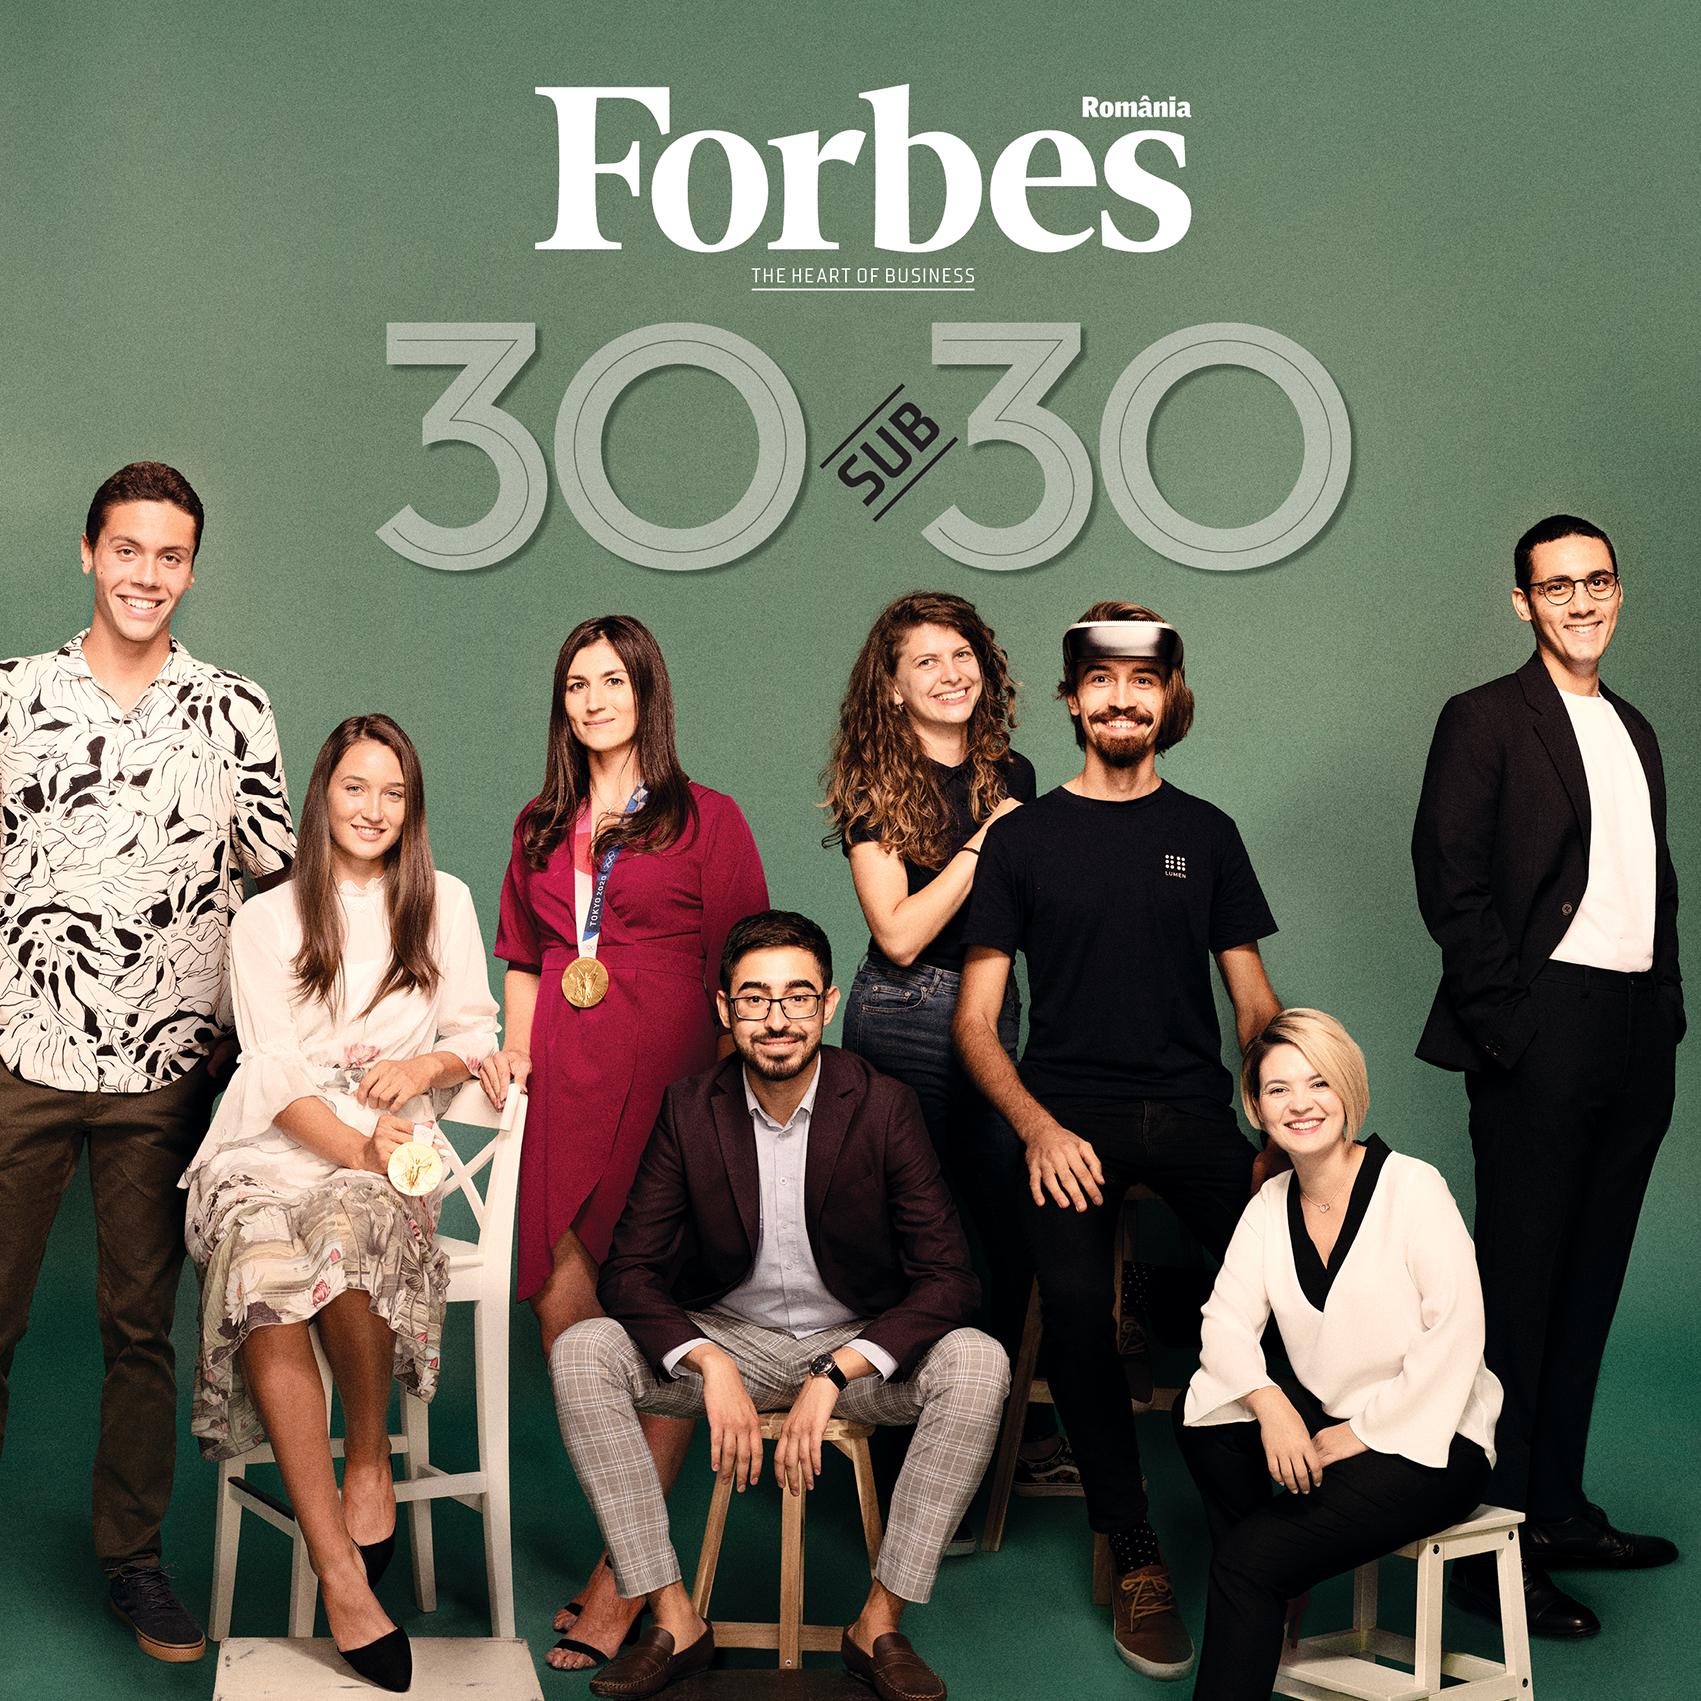 Nr. 231 - Forbes 30 sub 30